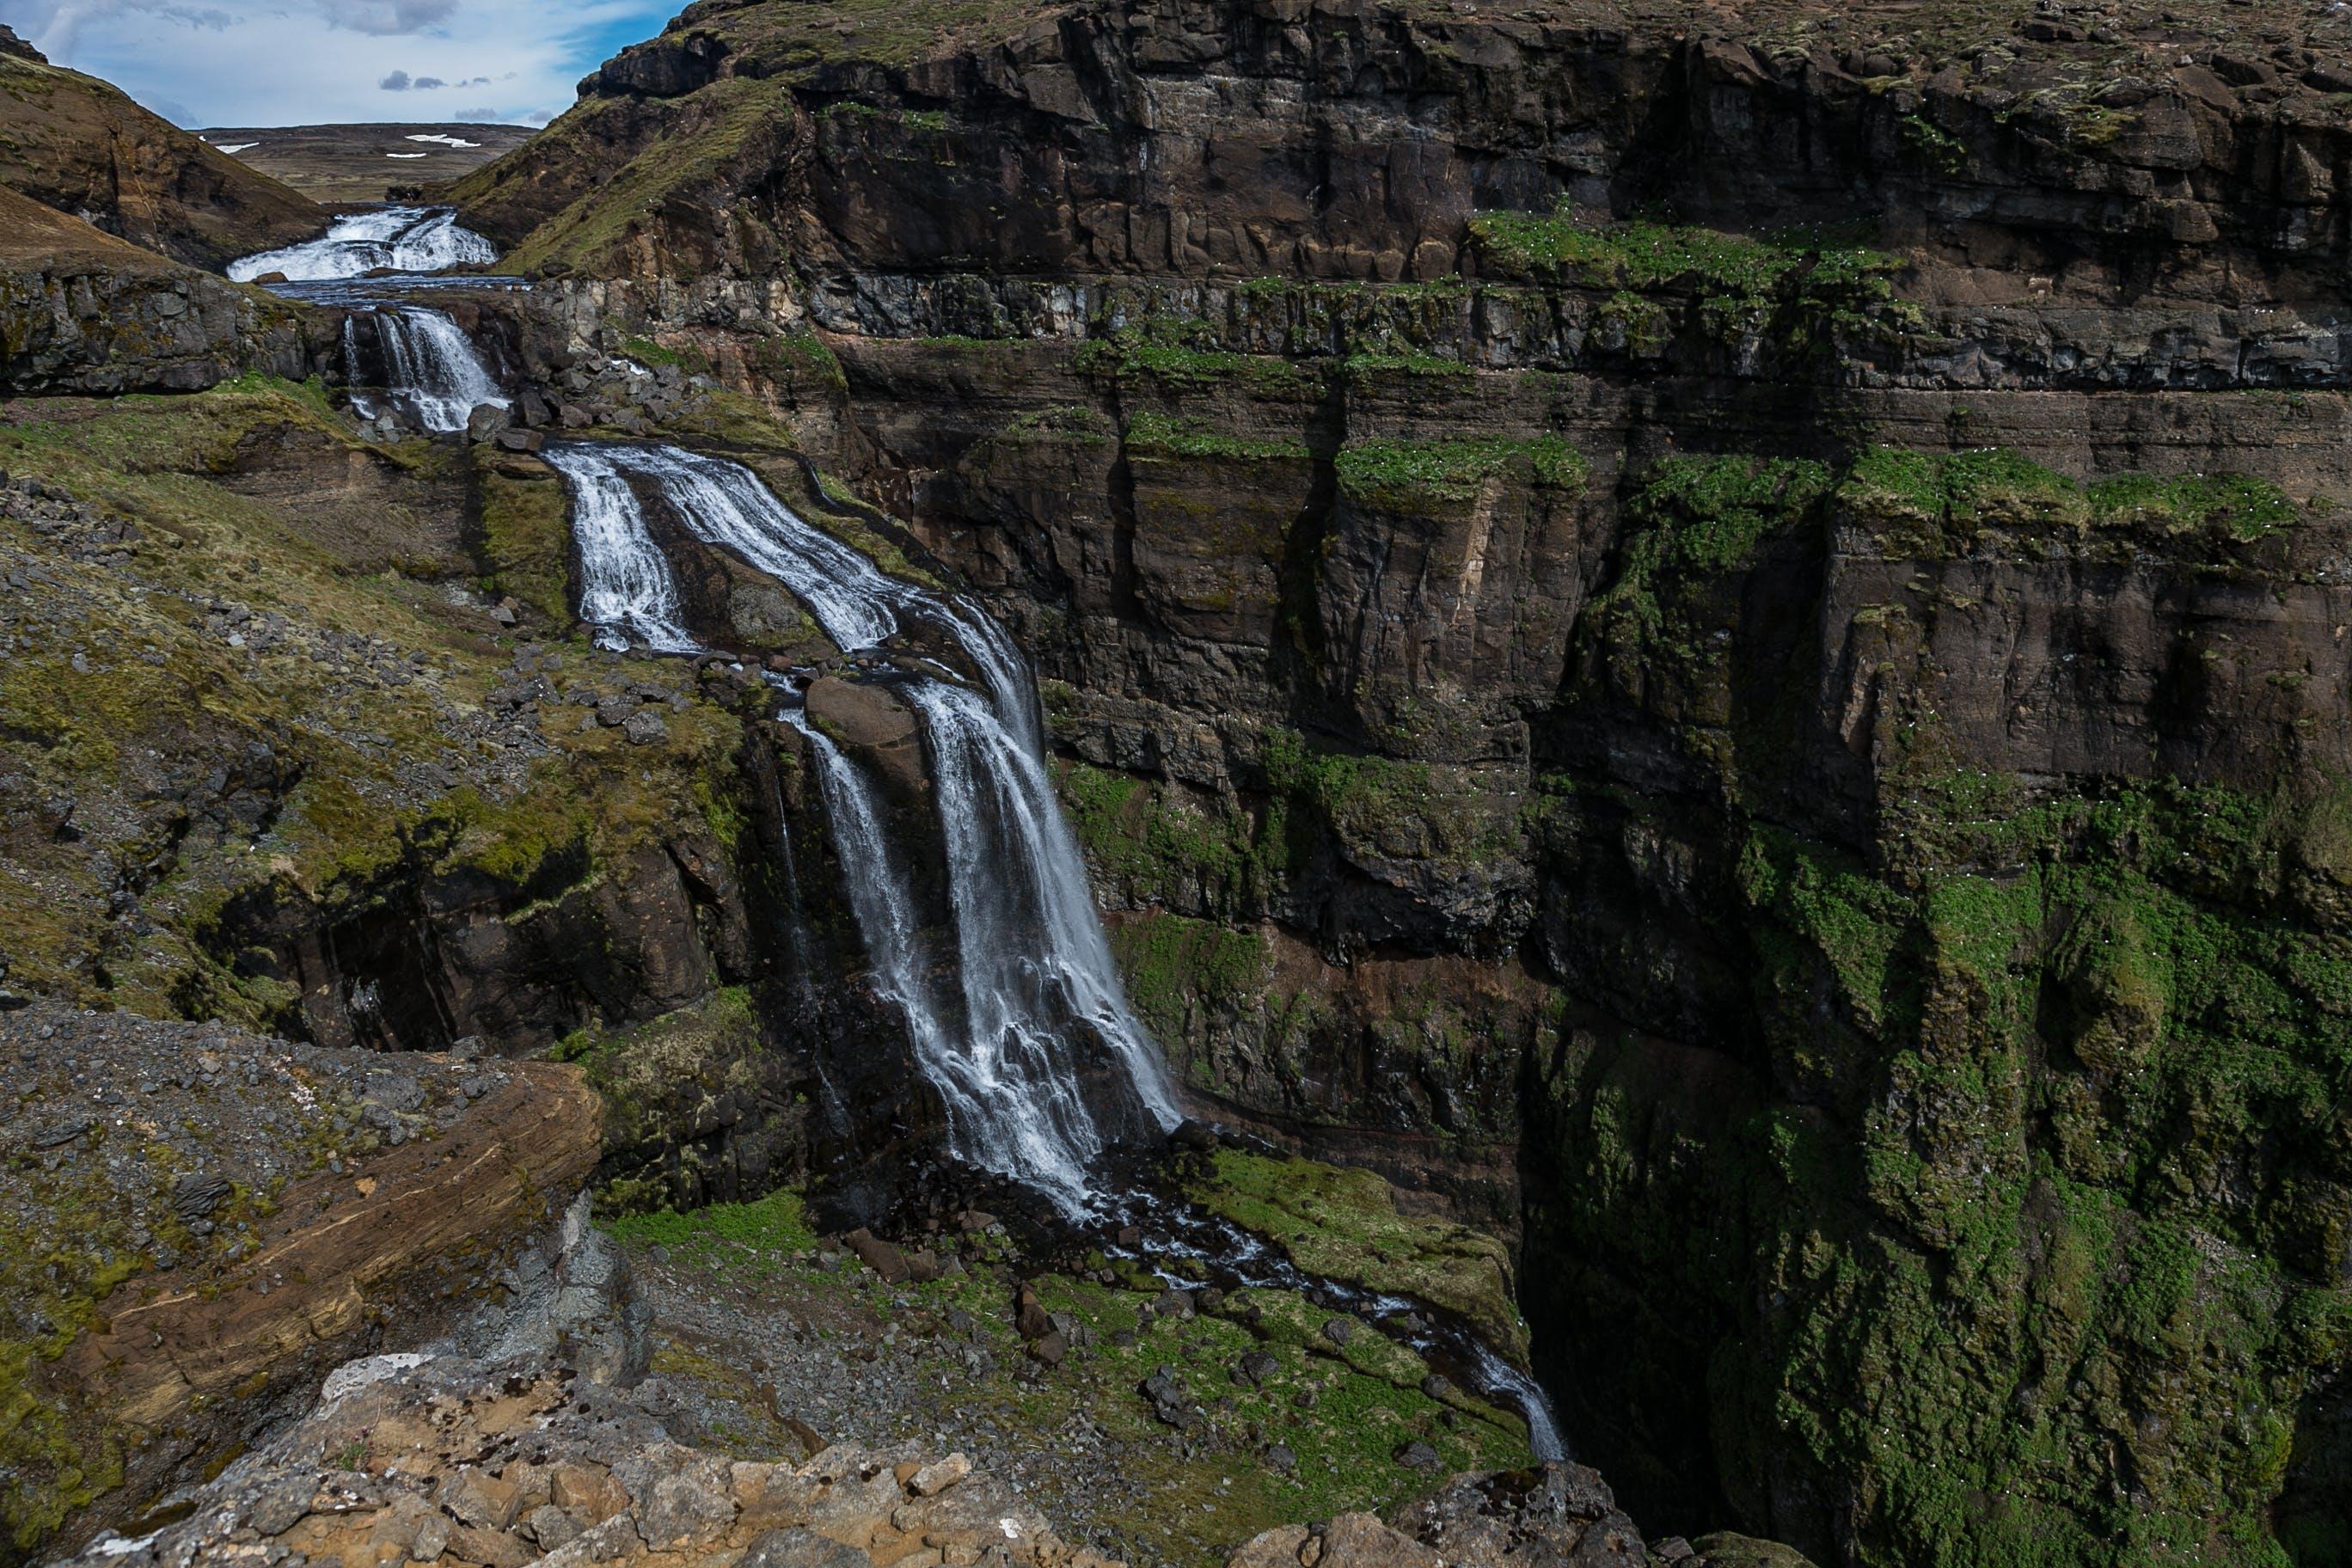 Kostenloses Stock Foto zu landschaft, berge, natur, wasser